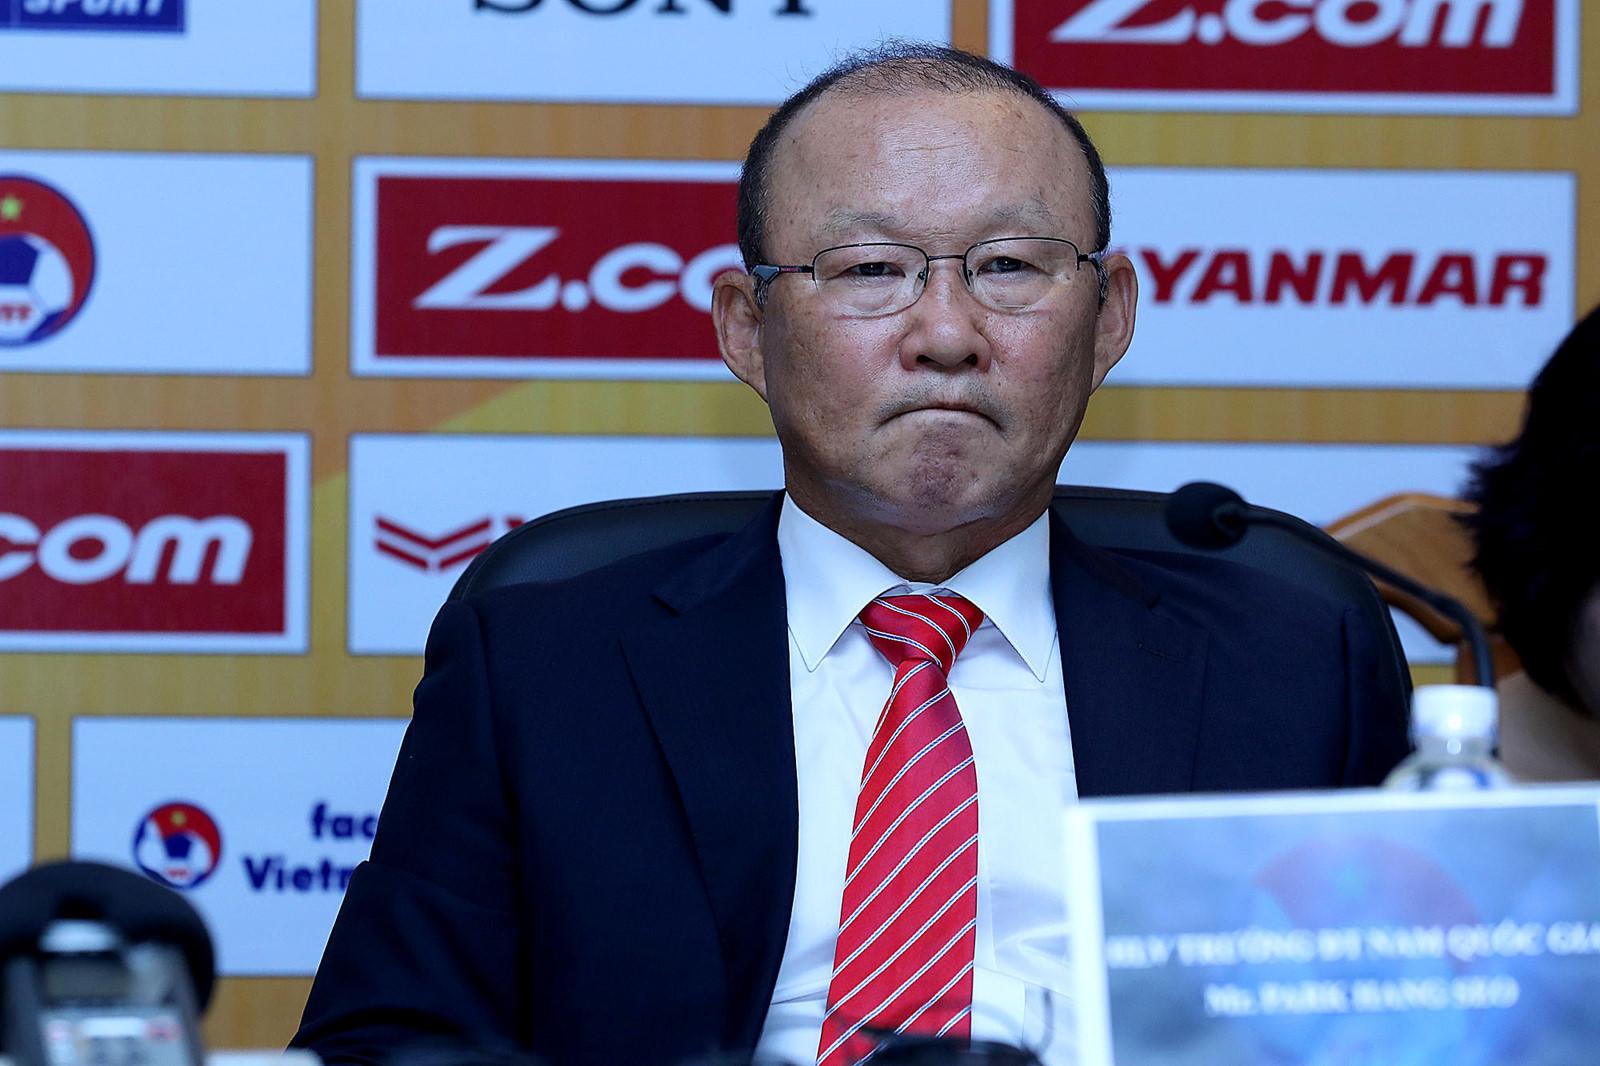 """HLV Park Hang Seo: """"Đội tuyển Việt Nam không ngại đối đầu với Thái Lan tại AFF Cup"""" - Ảnh 1"""